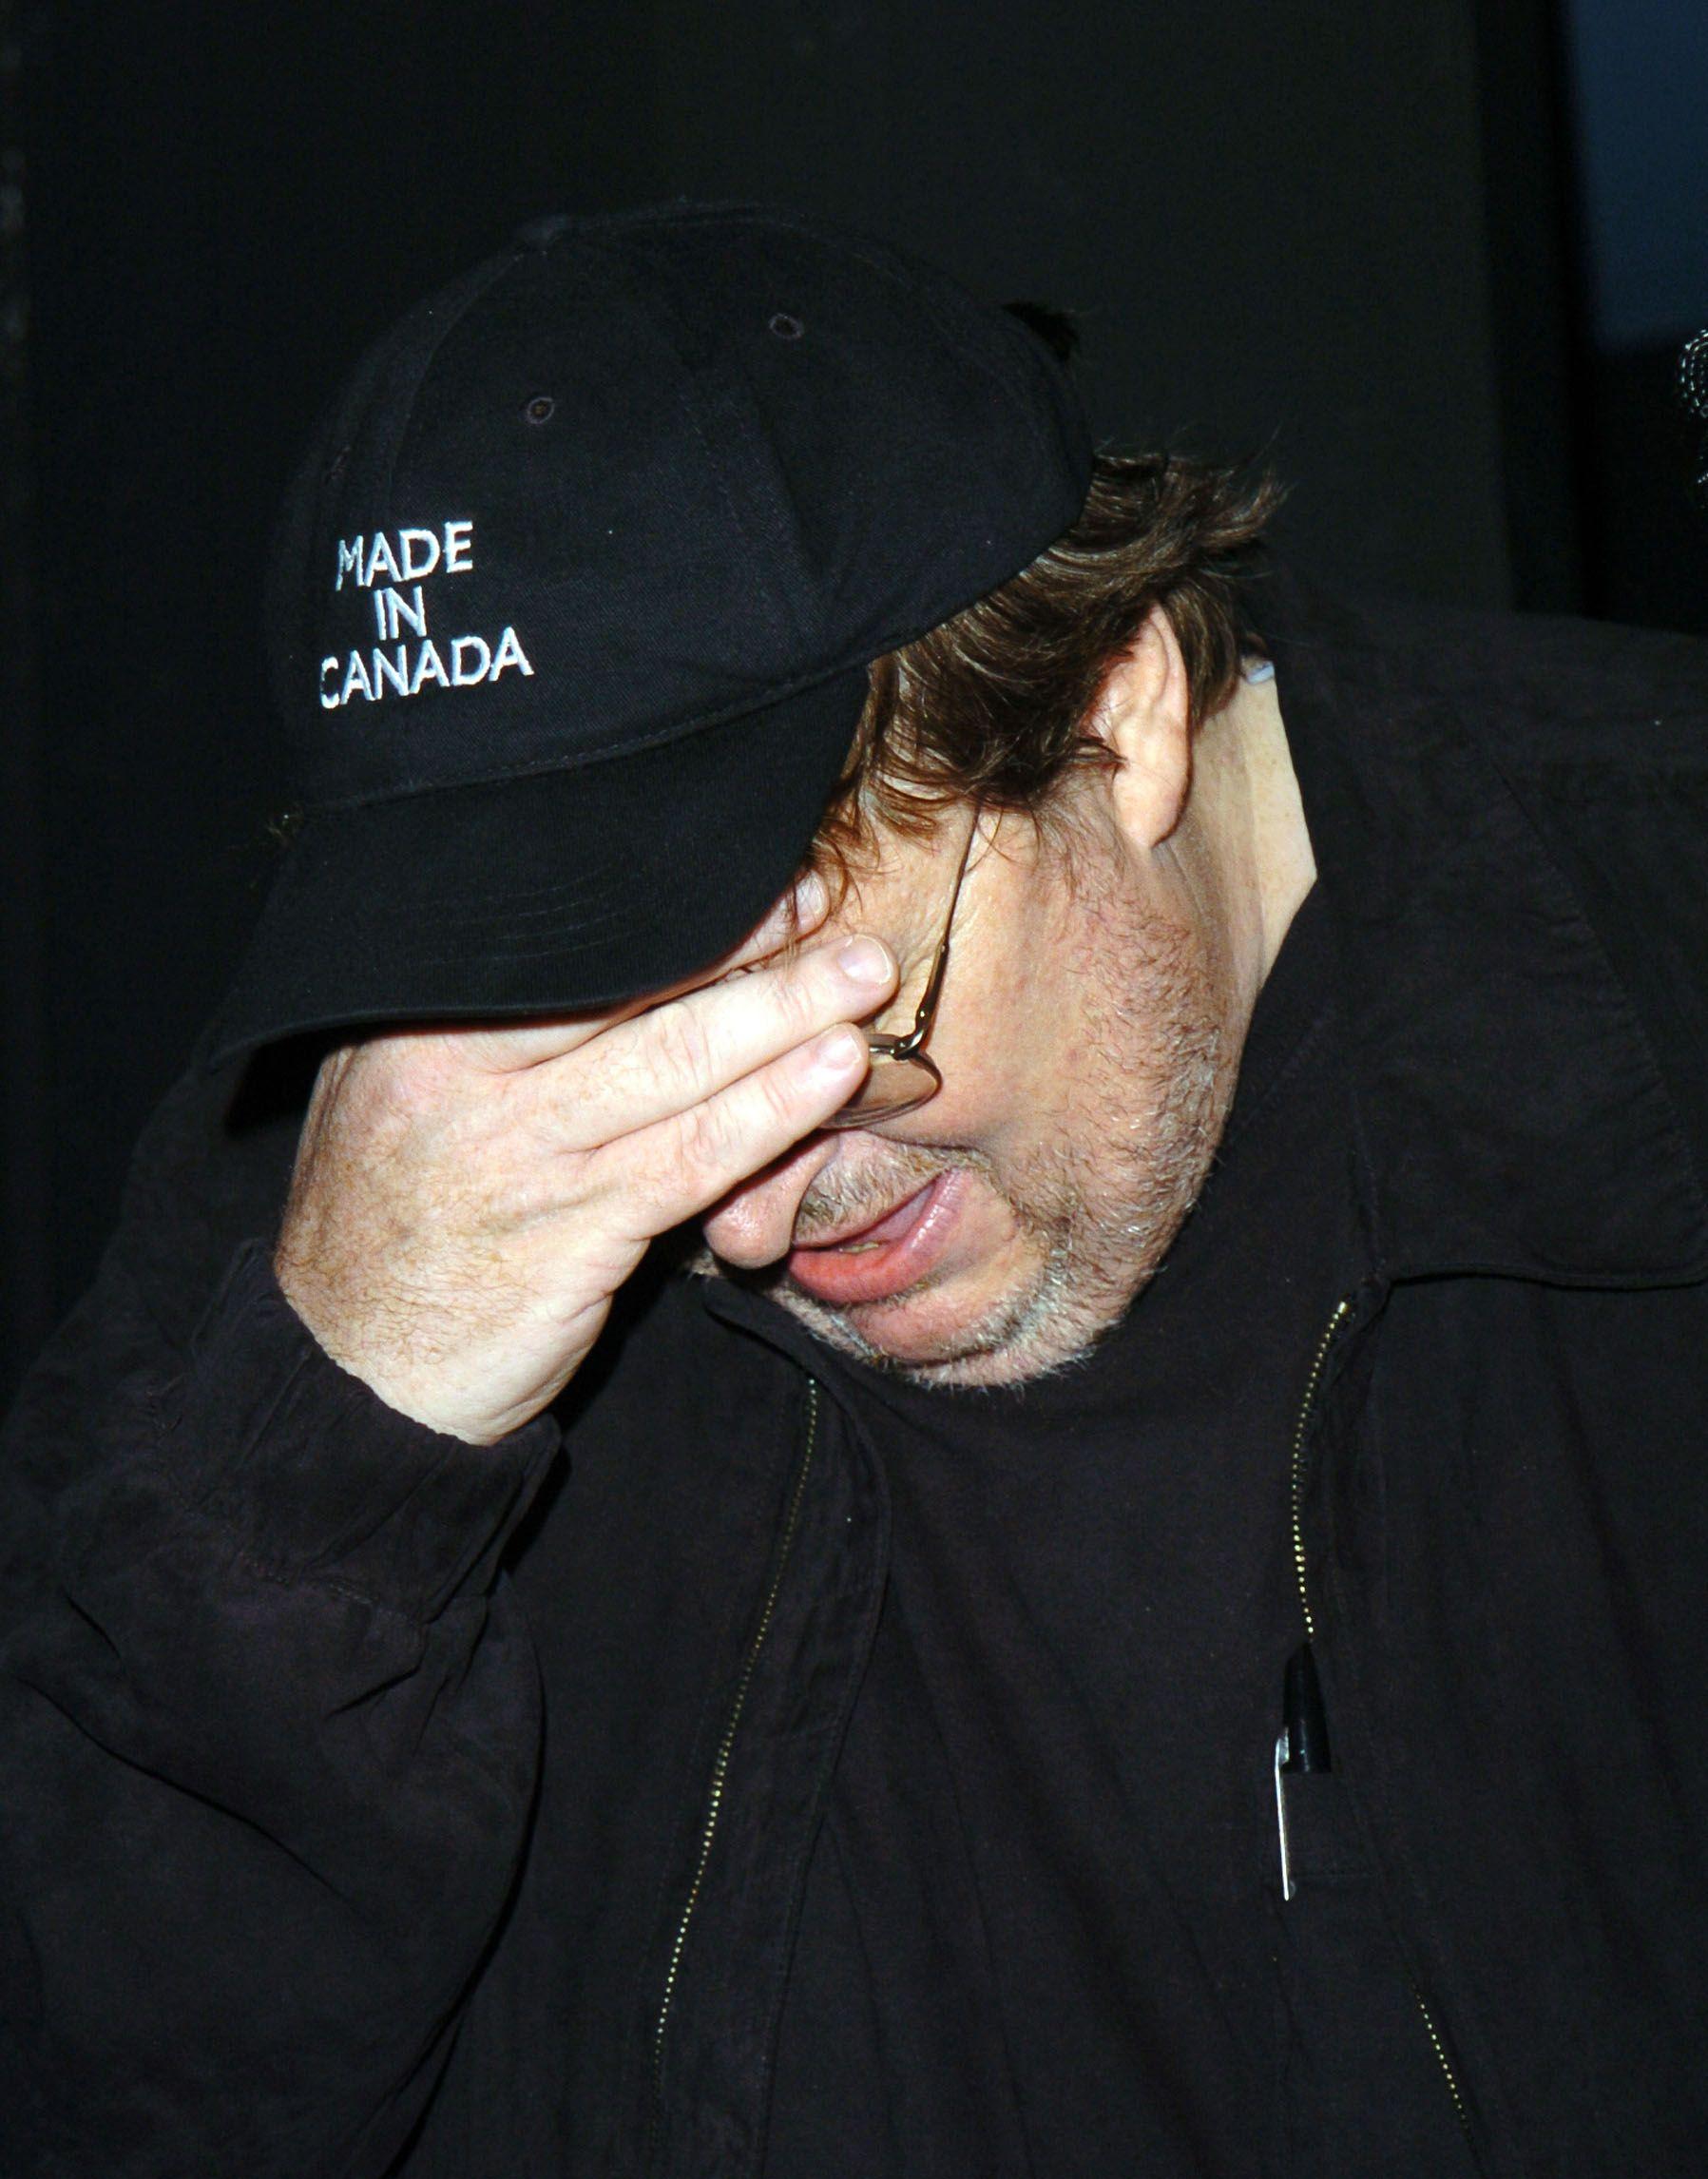 Har Michael Moore egentlig noe å skjule? Det får vi aldri helt svar på.